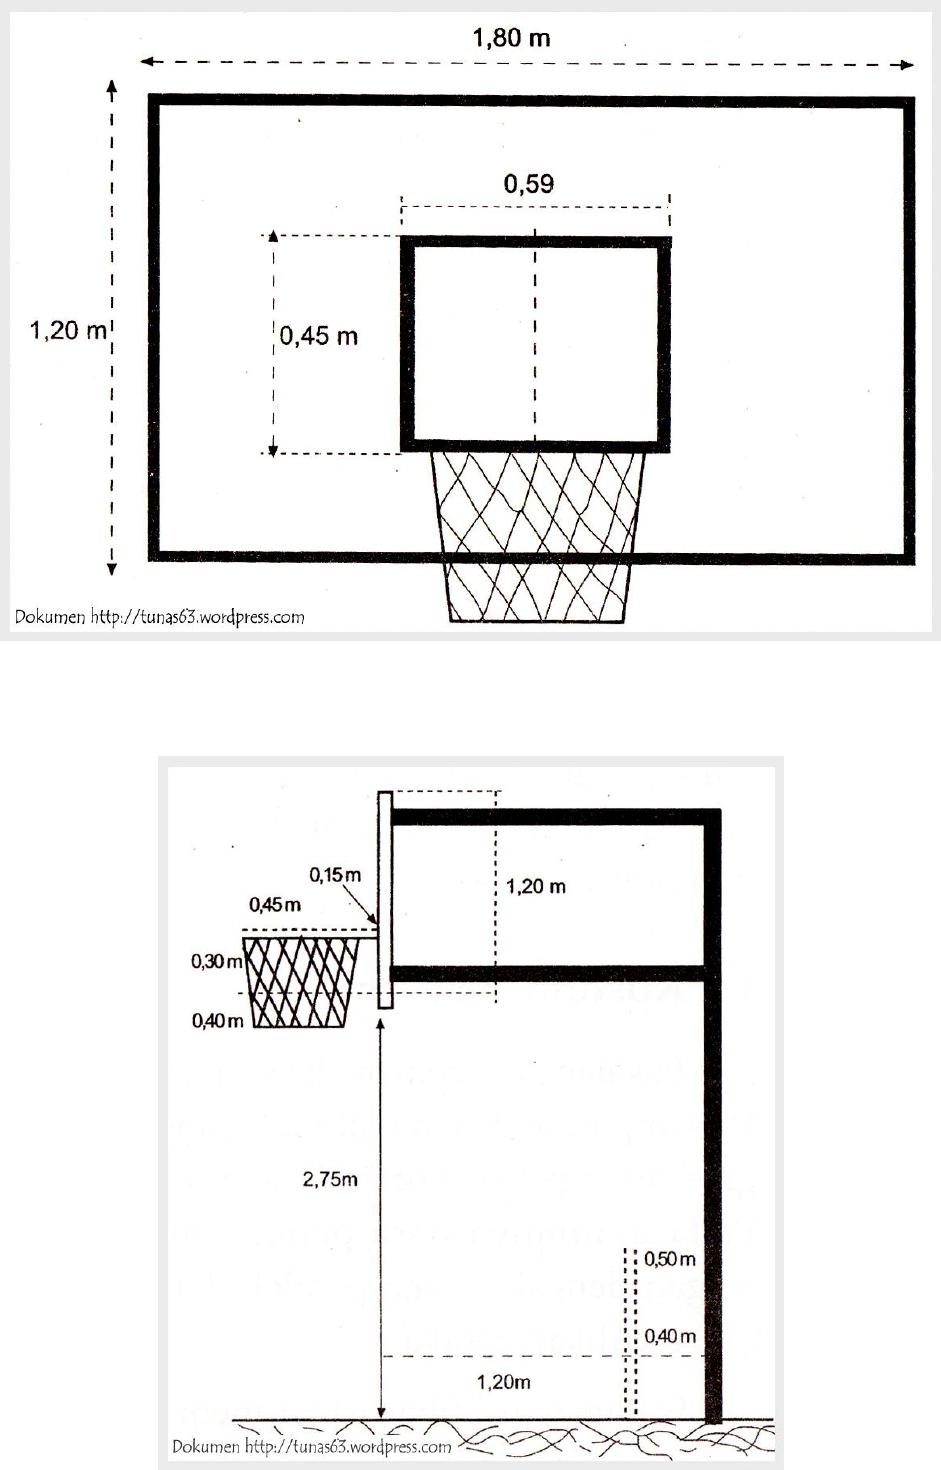 Ukuran Lapangan Permainan Bola Basket : ukuran, lapangan, permainan, basket, Ukuran, Lapangan, Basket, Lengkap, Gambar, Keterangannya, MARKIJAR.Com